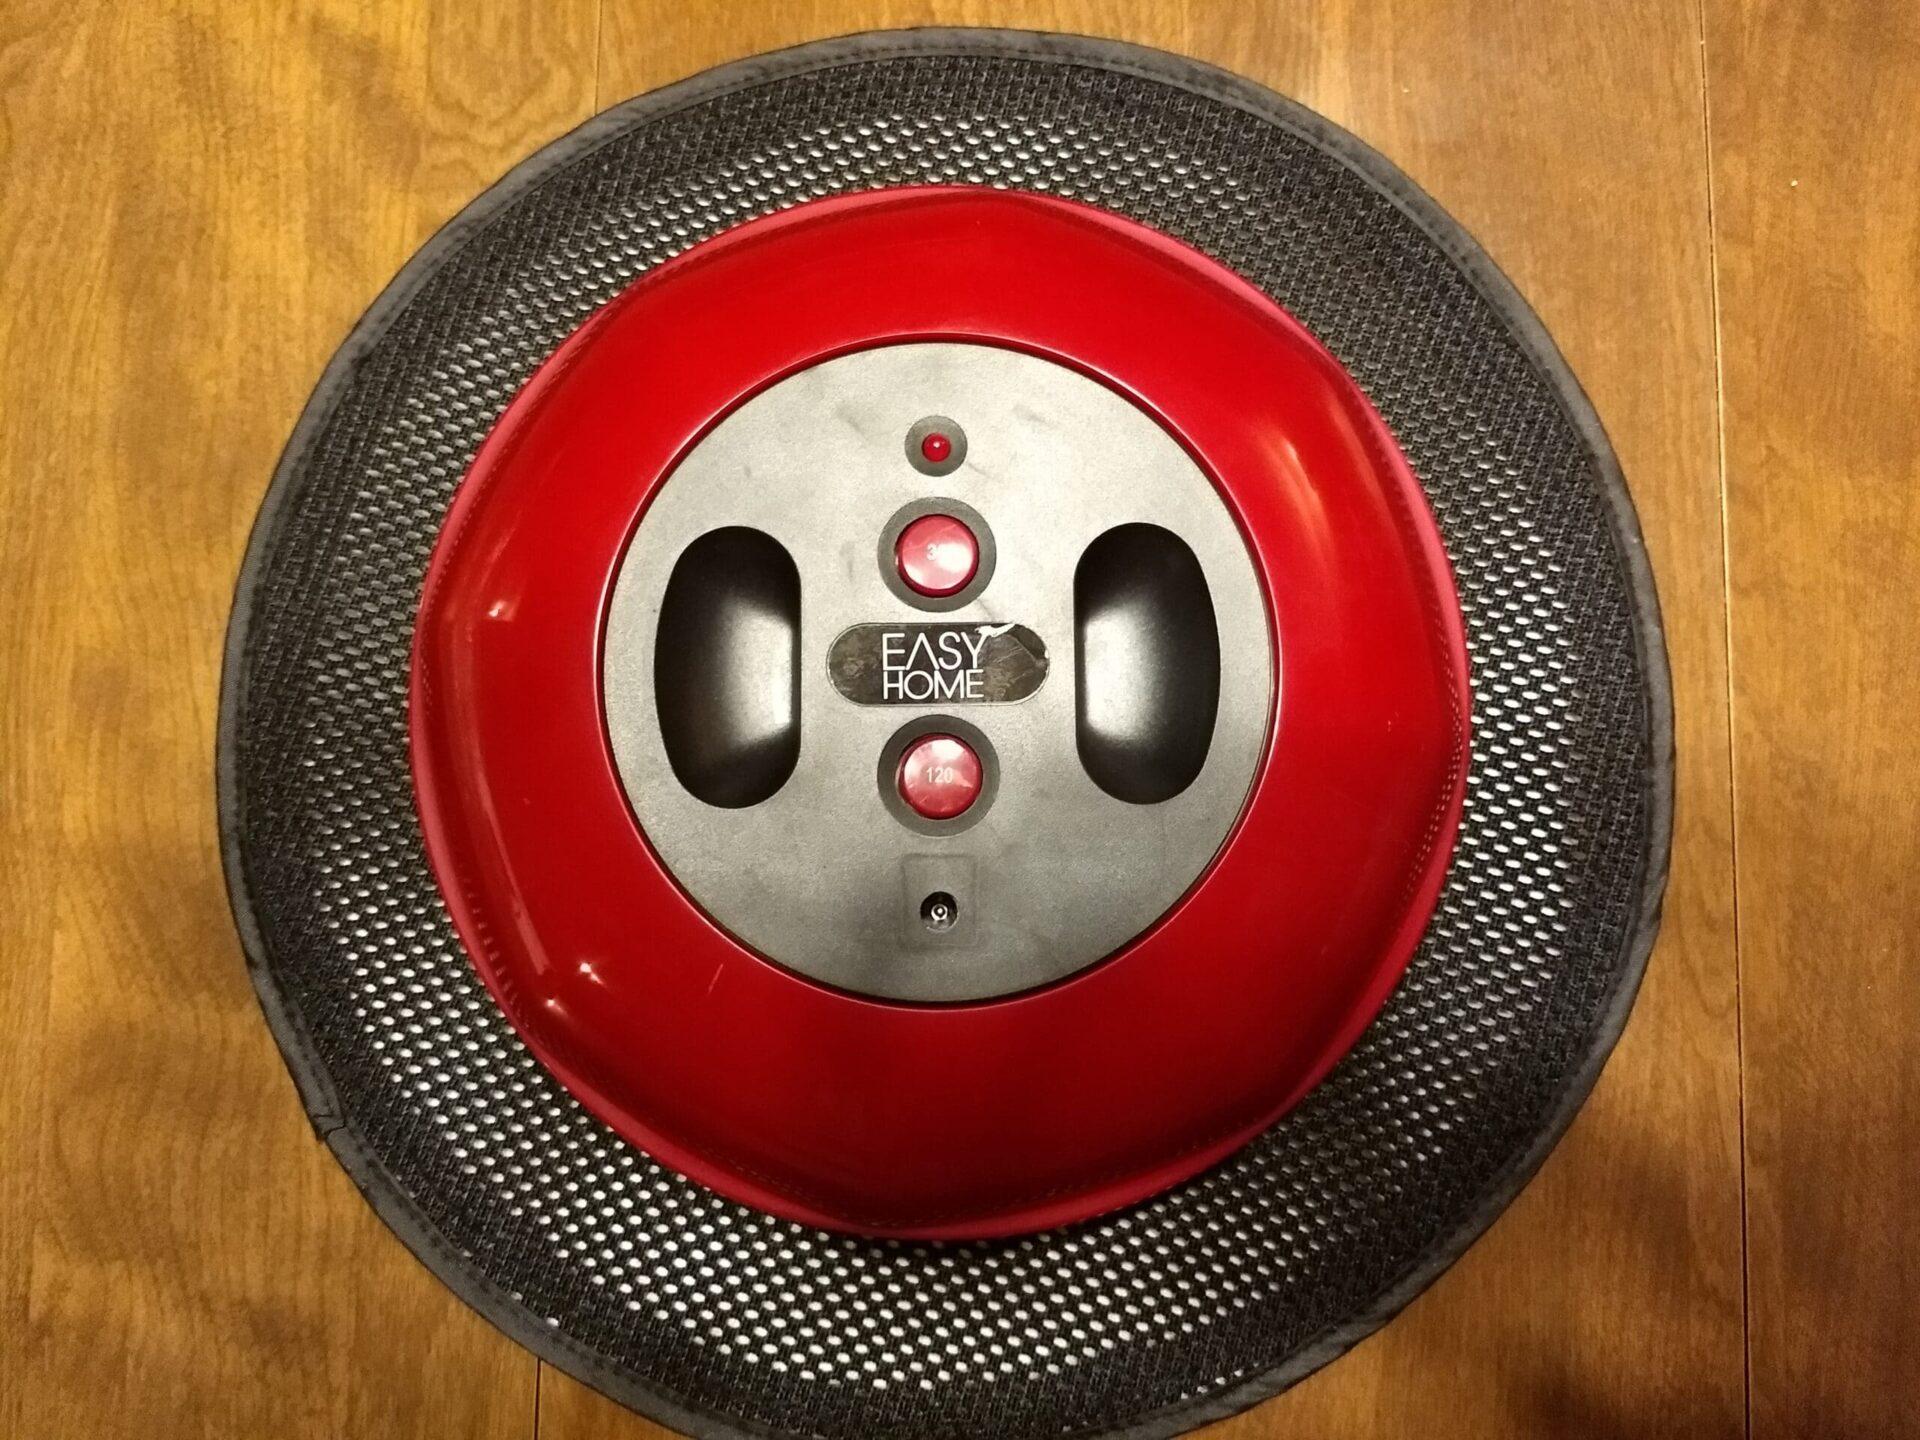 Easy Home Robotic Floor Duster Aldi Reviewer